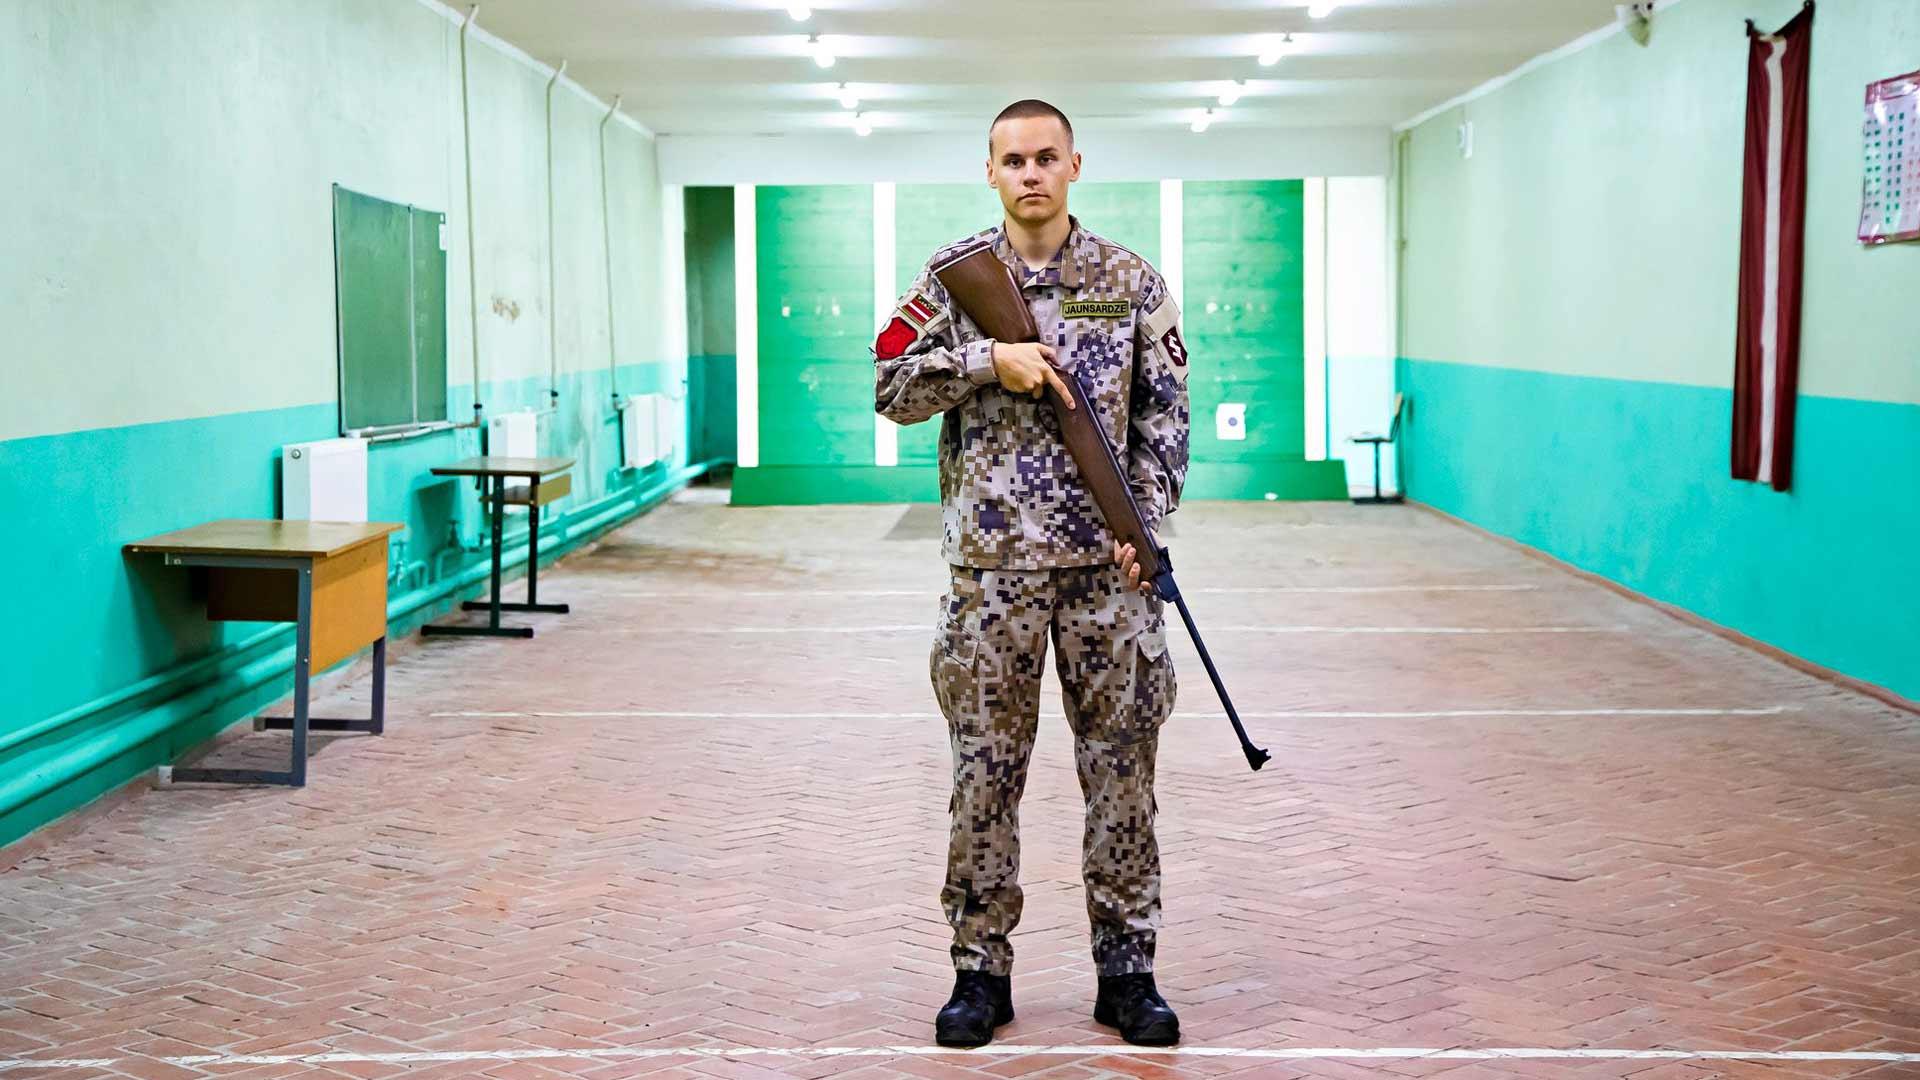 17-vuotias Salvins Eduards Šmakovs valitsi lukion maanpuolustuskurssin saadakseen hyvät lähtöasemat armeijauralle. Vuonna 2024 aineesta tulee pakollinen kaikille.